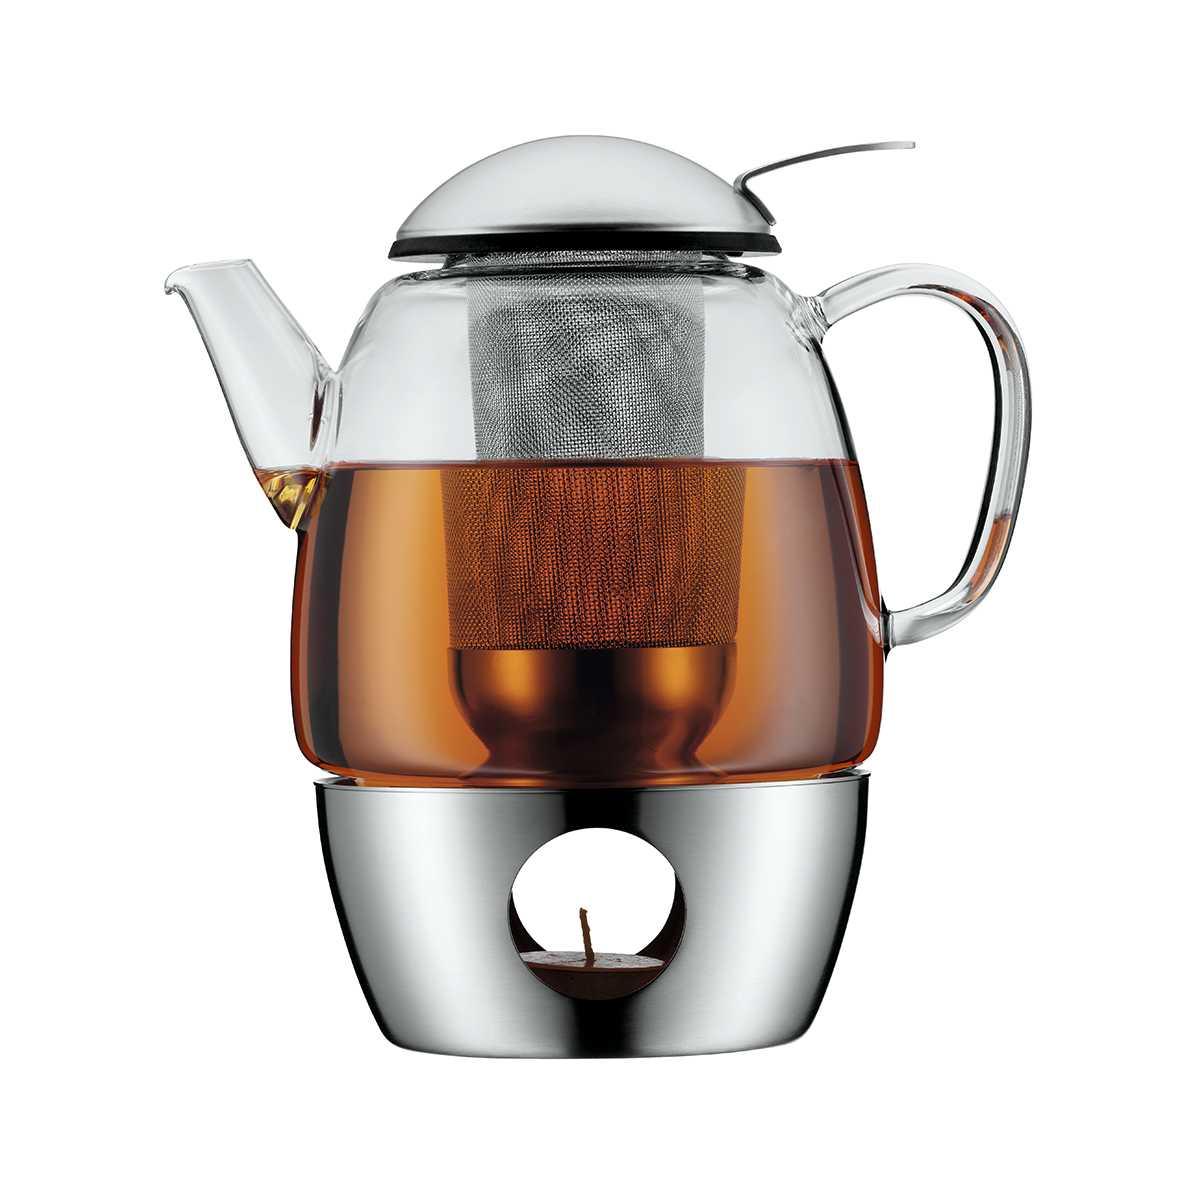 Чайник заварочный с подогревом WMF COFFEE AND TEA, объем 1 л, прозрачный WMF 06 3109 6030 фото 1